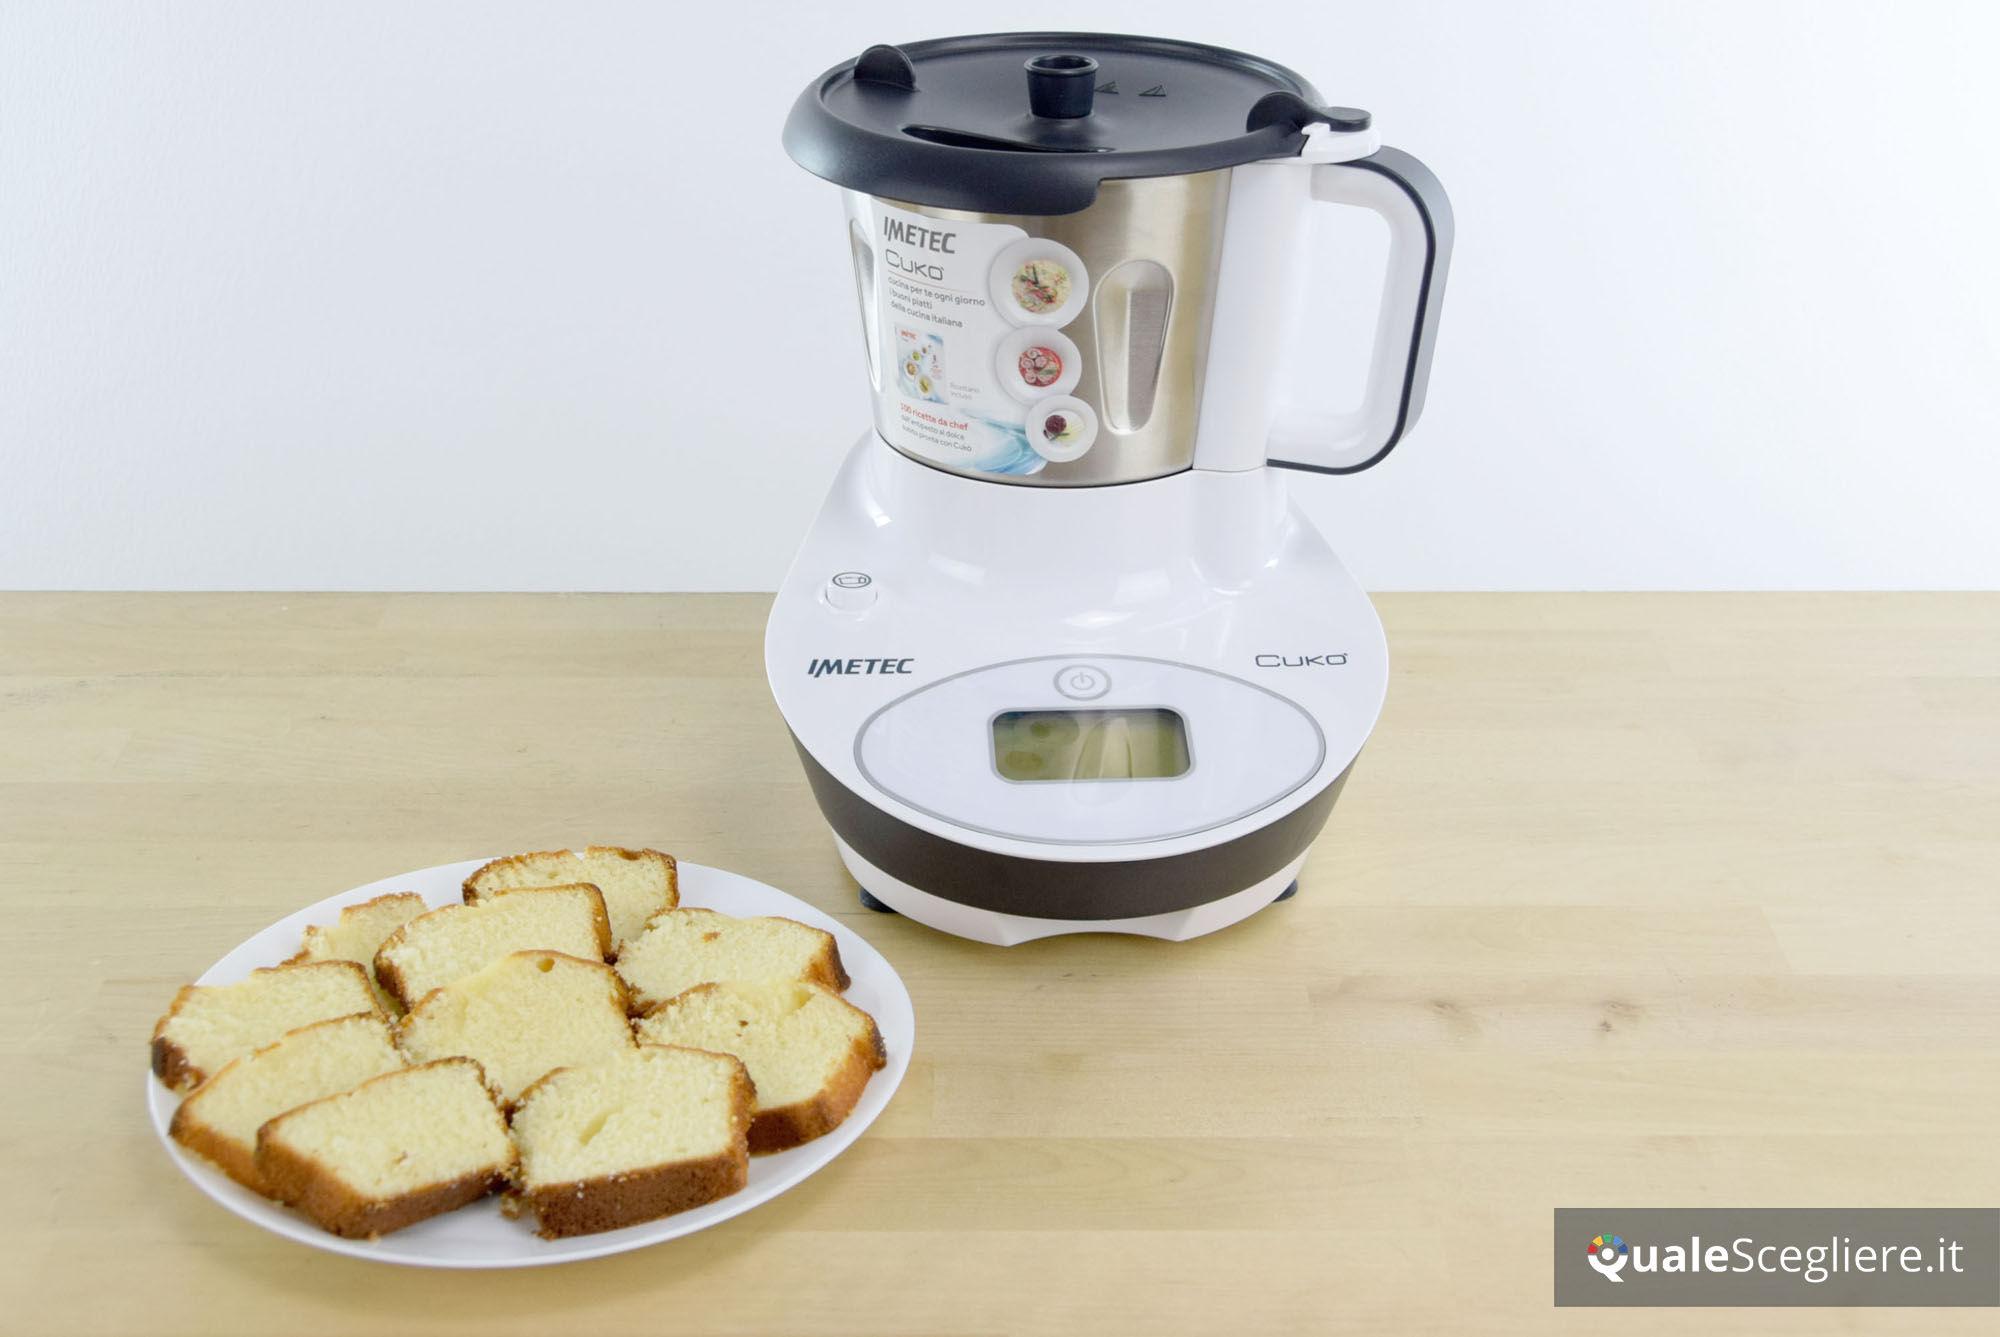 Quali dolci preparare con il robot da cucina multifunzione?